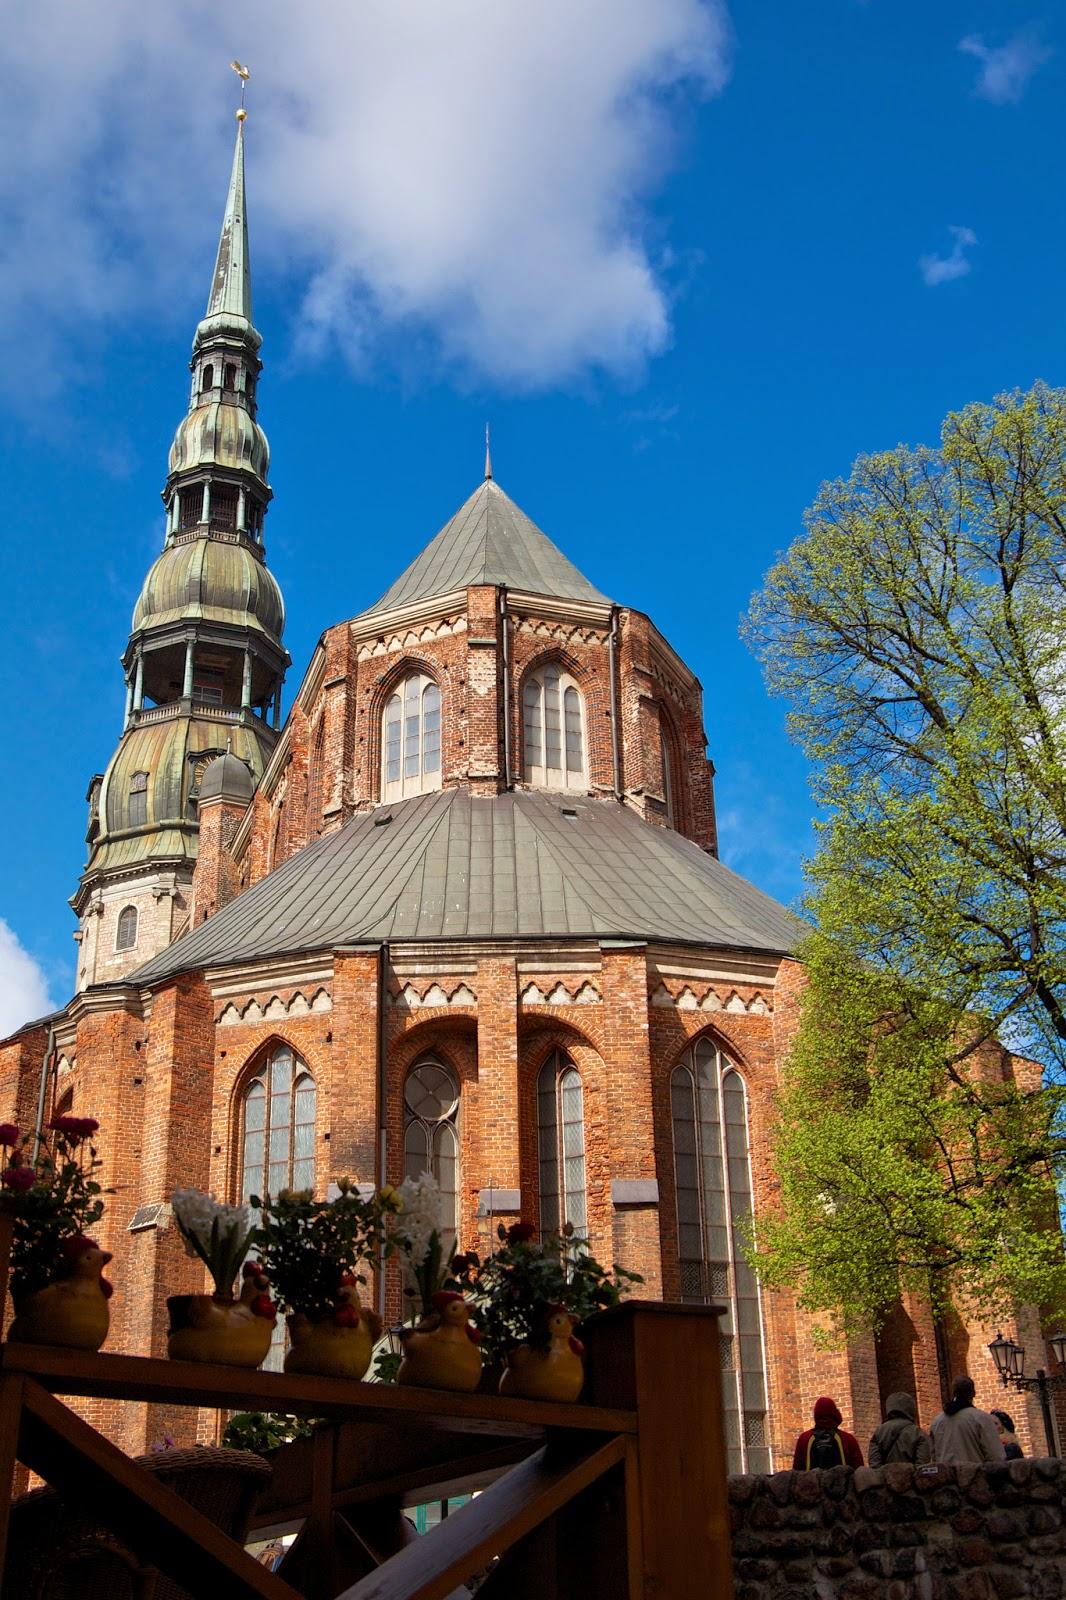 Церковь Святого Петра, Рига, Латвия